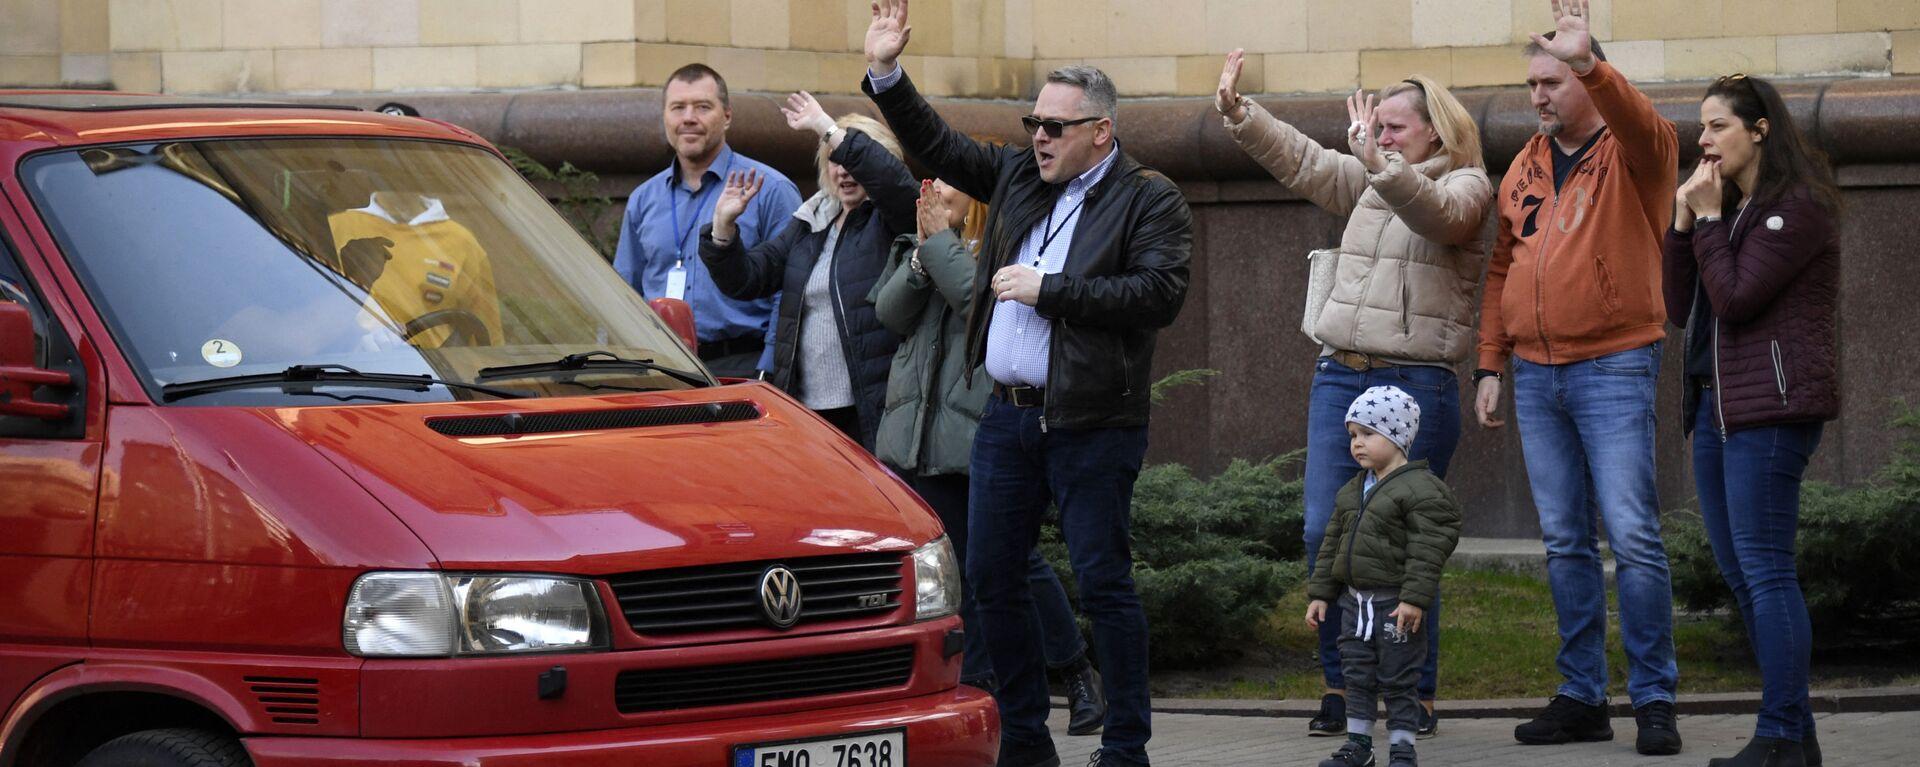 Чешские дипломаты и члены покидают посольство Чехии в Москве - Sputnik Česká republika, 1920, 24.04.2021